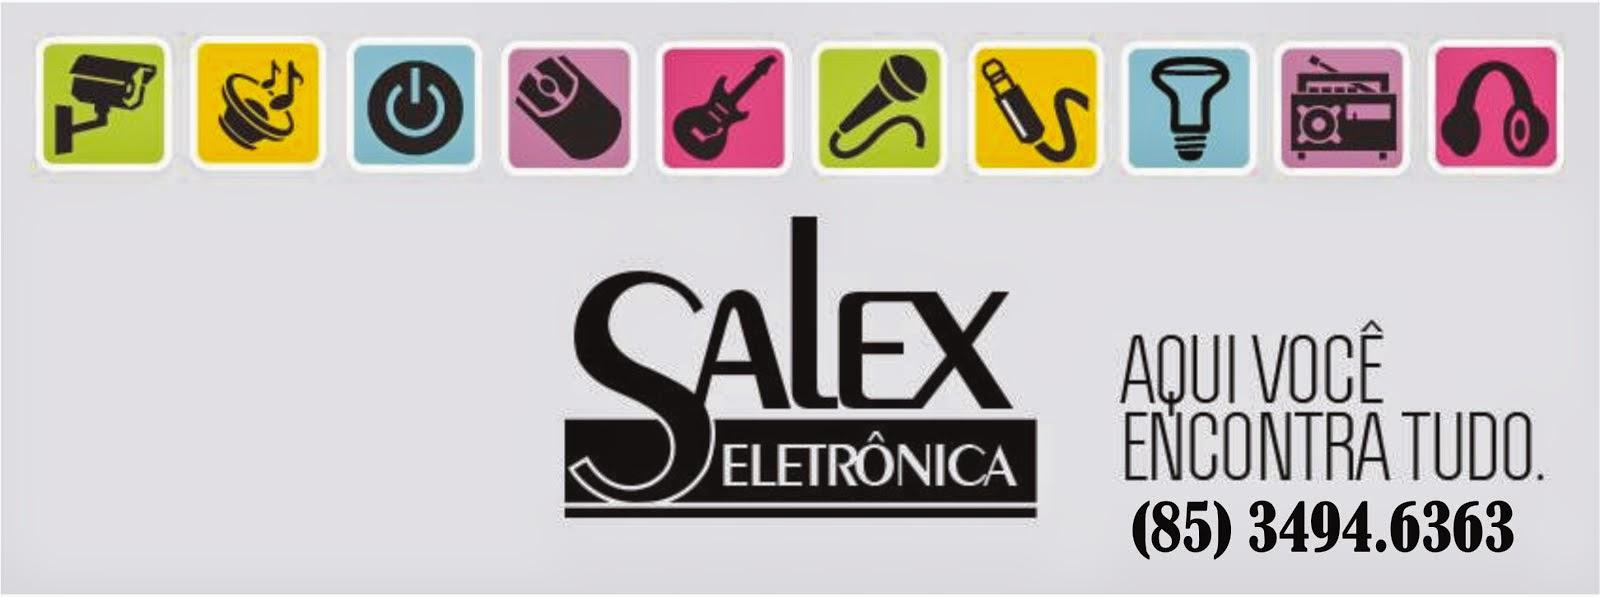 Salex Eletrônica